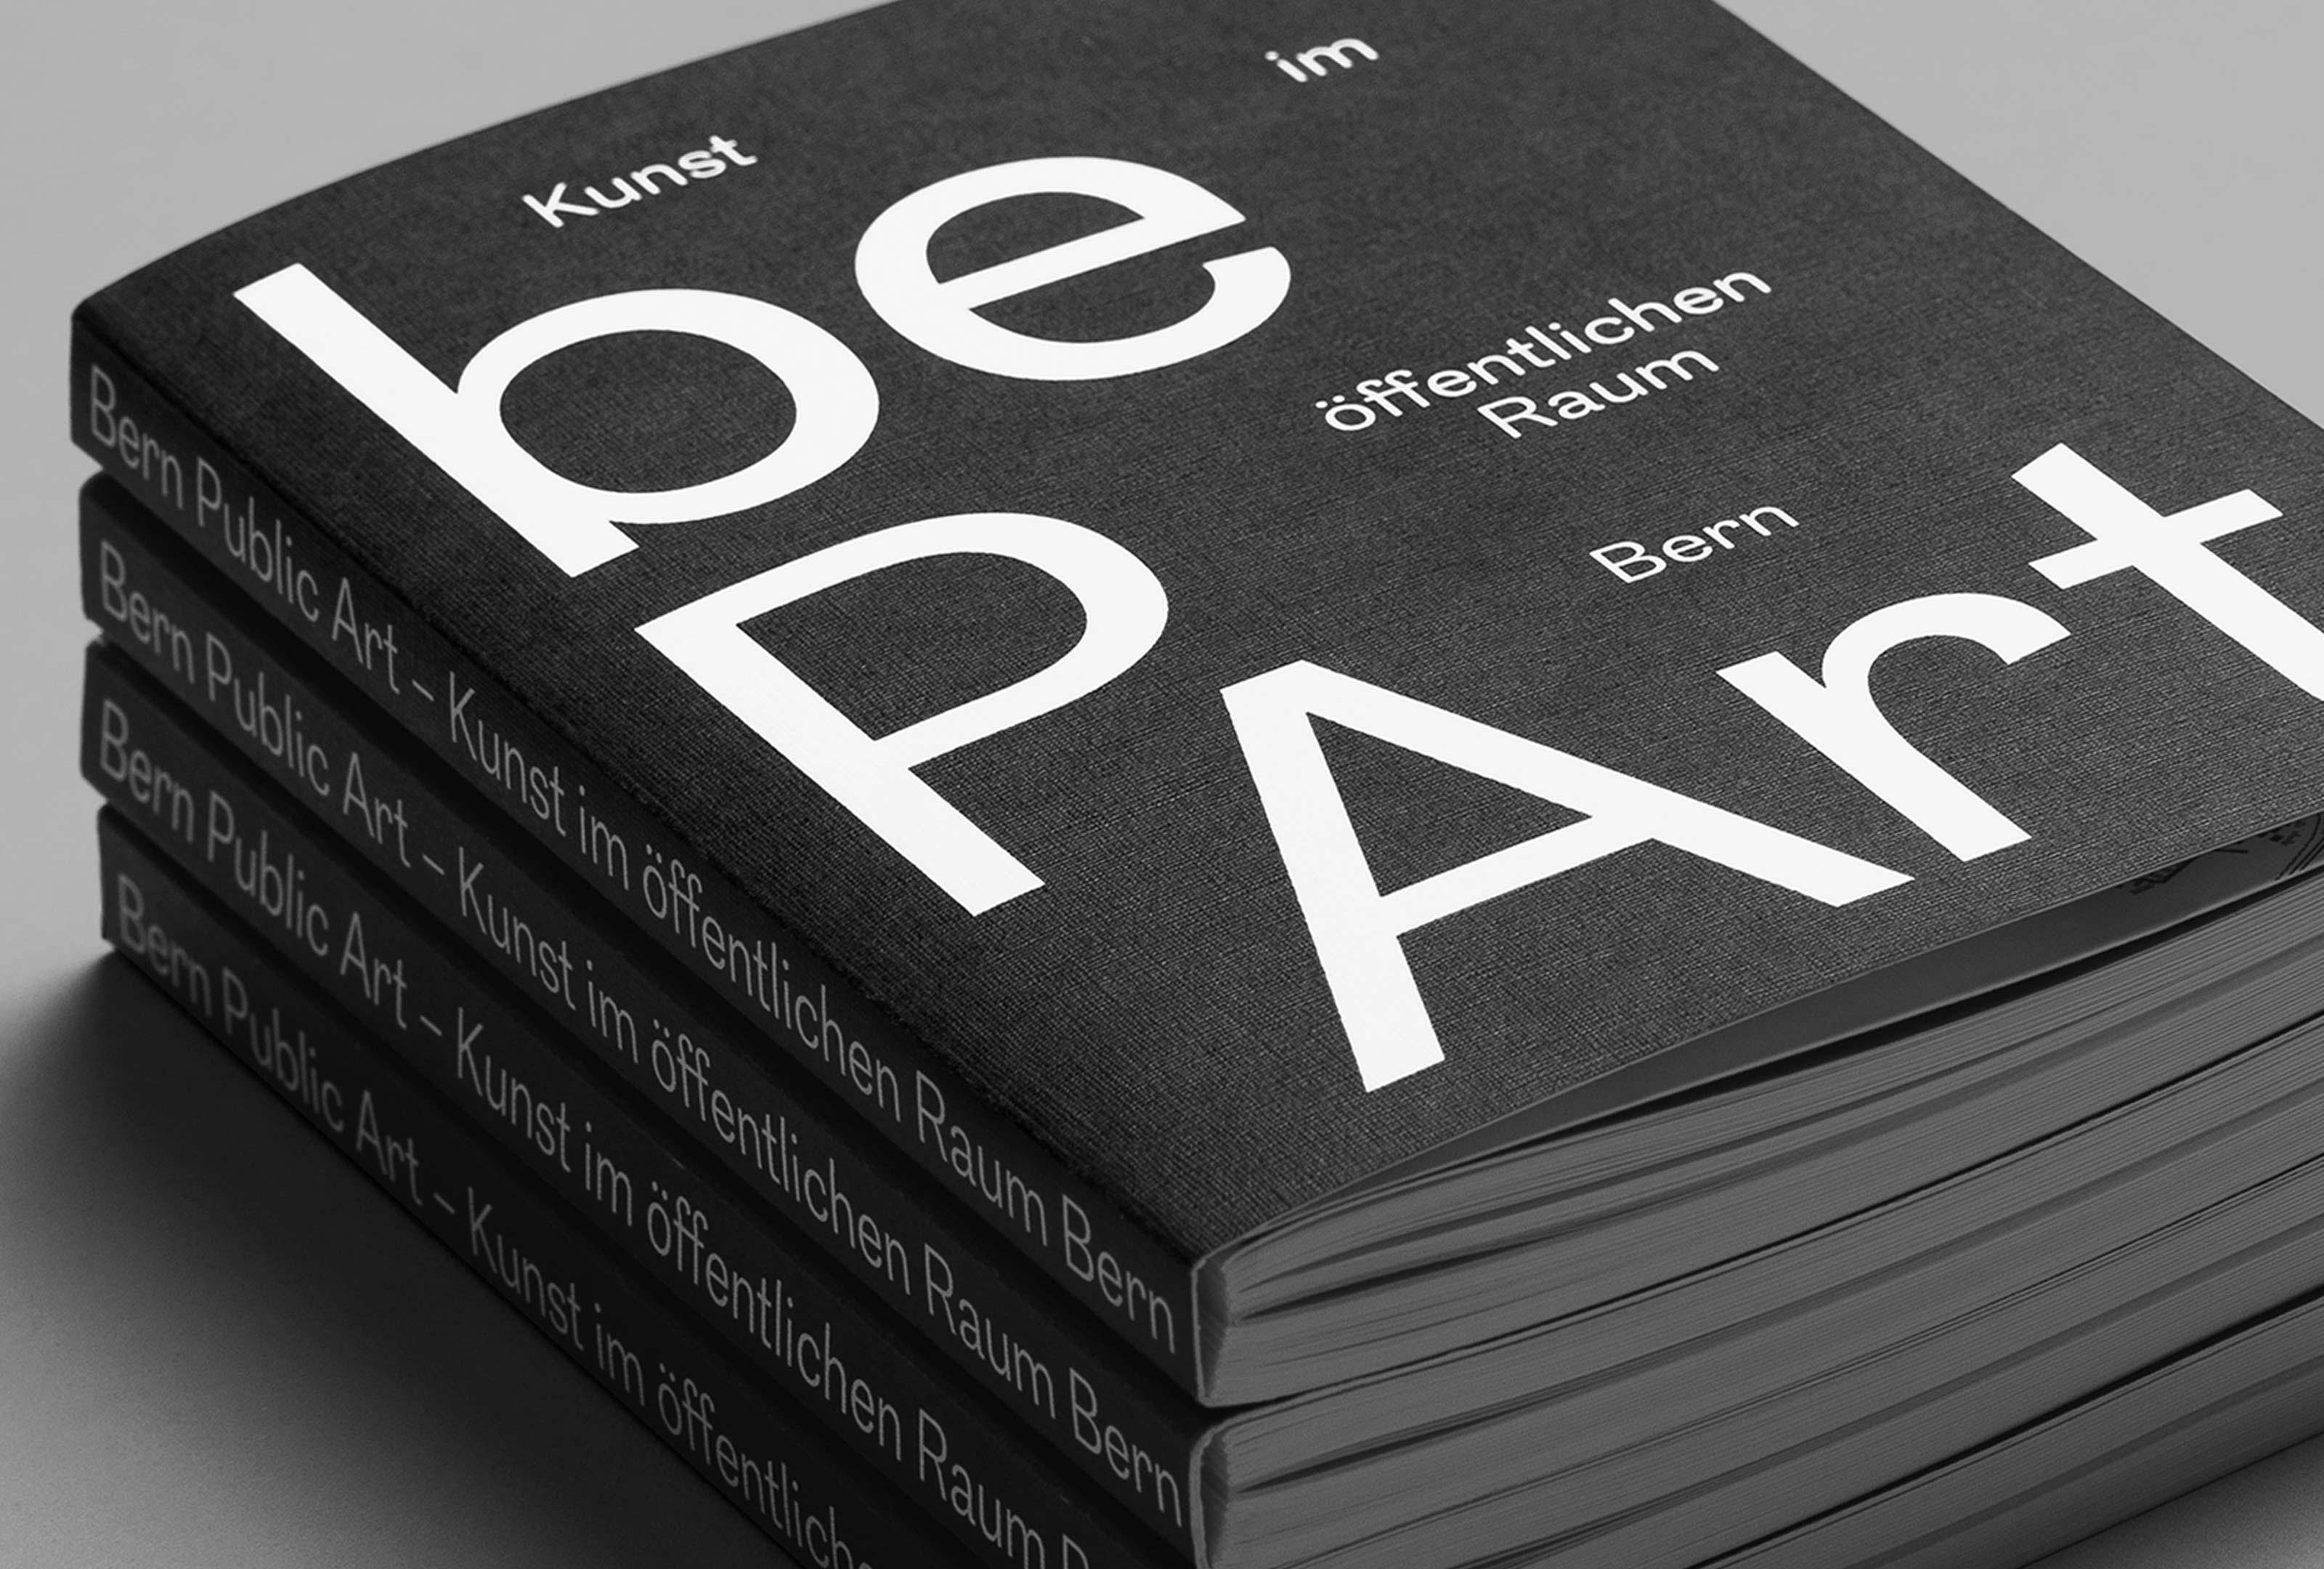 bePArt – Kunst im öffentlichen Raum Bern, stack 2 close-up ©Atelier Pol × Barbara Hess